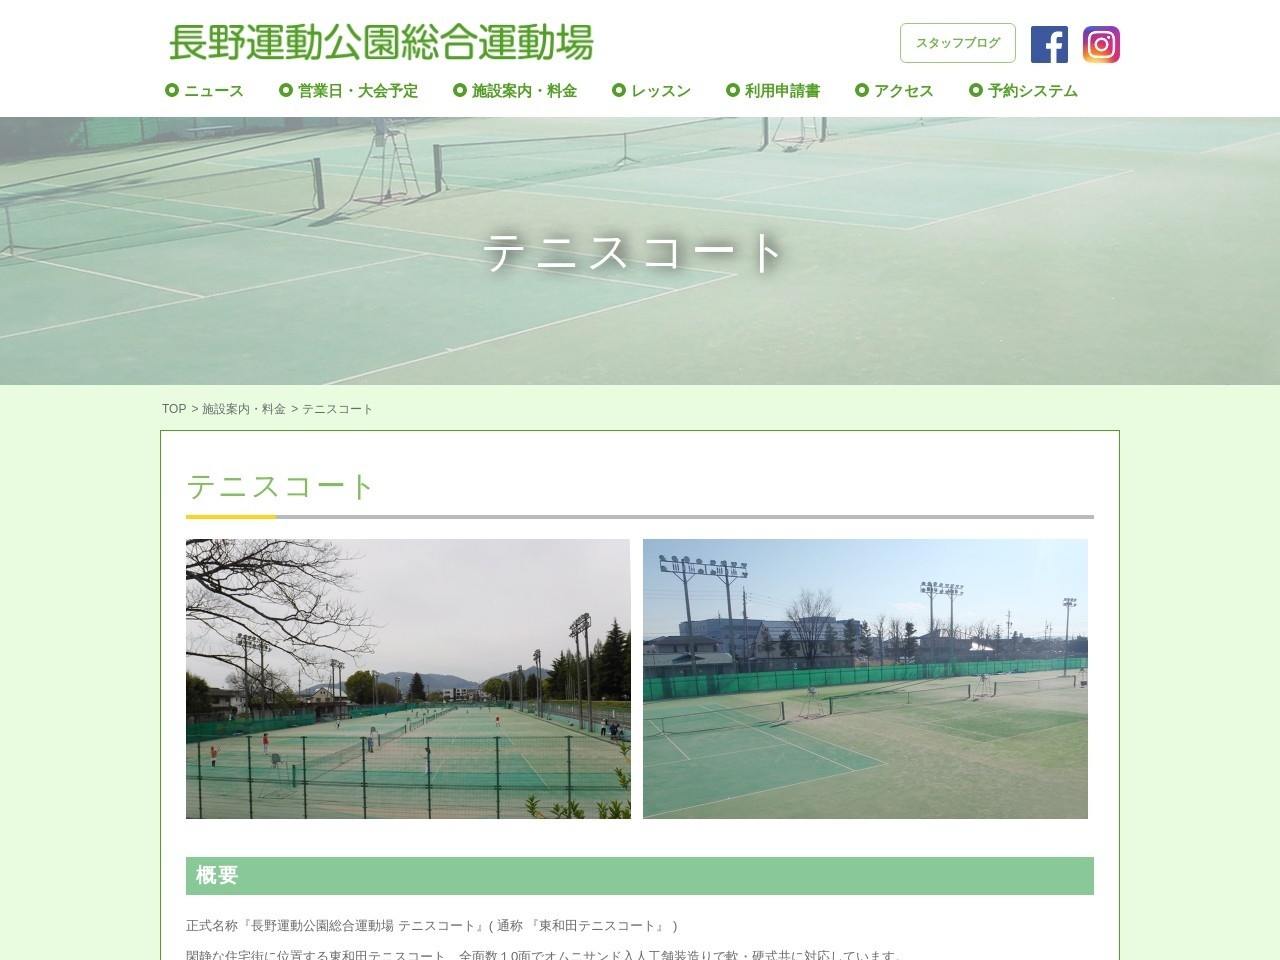 長野運動公園総合運動場 テニスコート(通称東和田テニスコート)